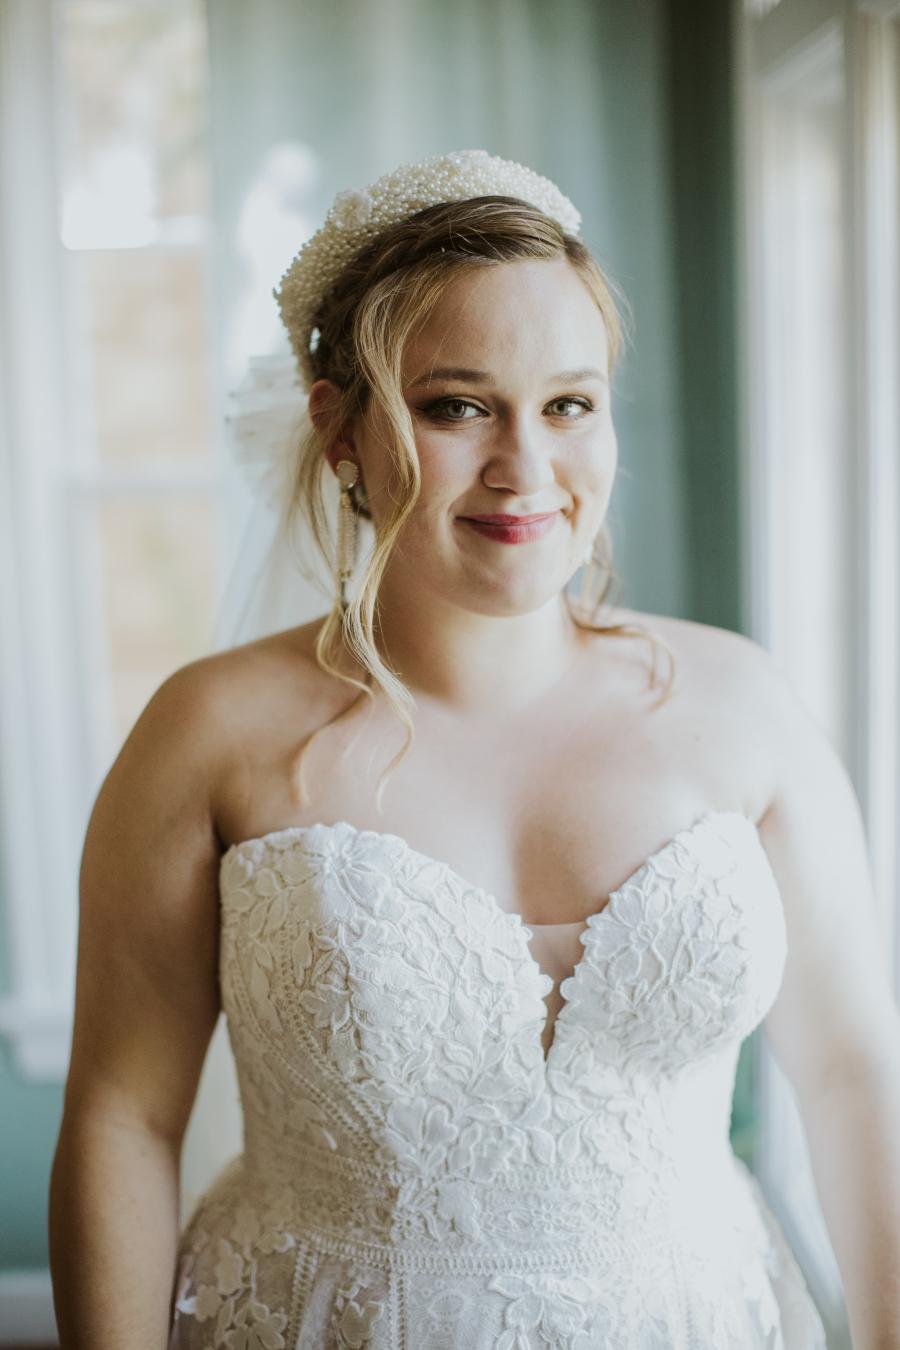 dallas wedding makeup and hair make-up a